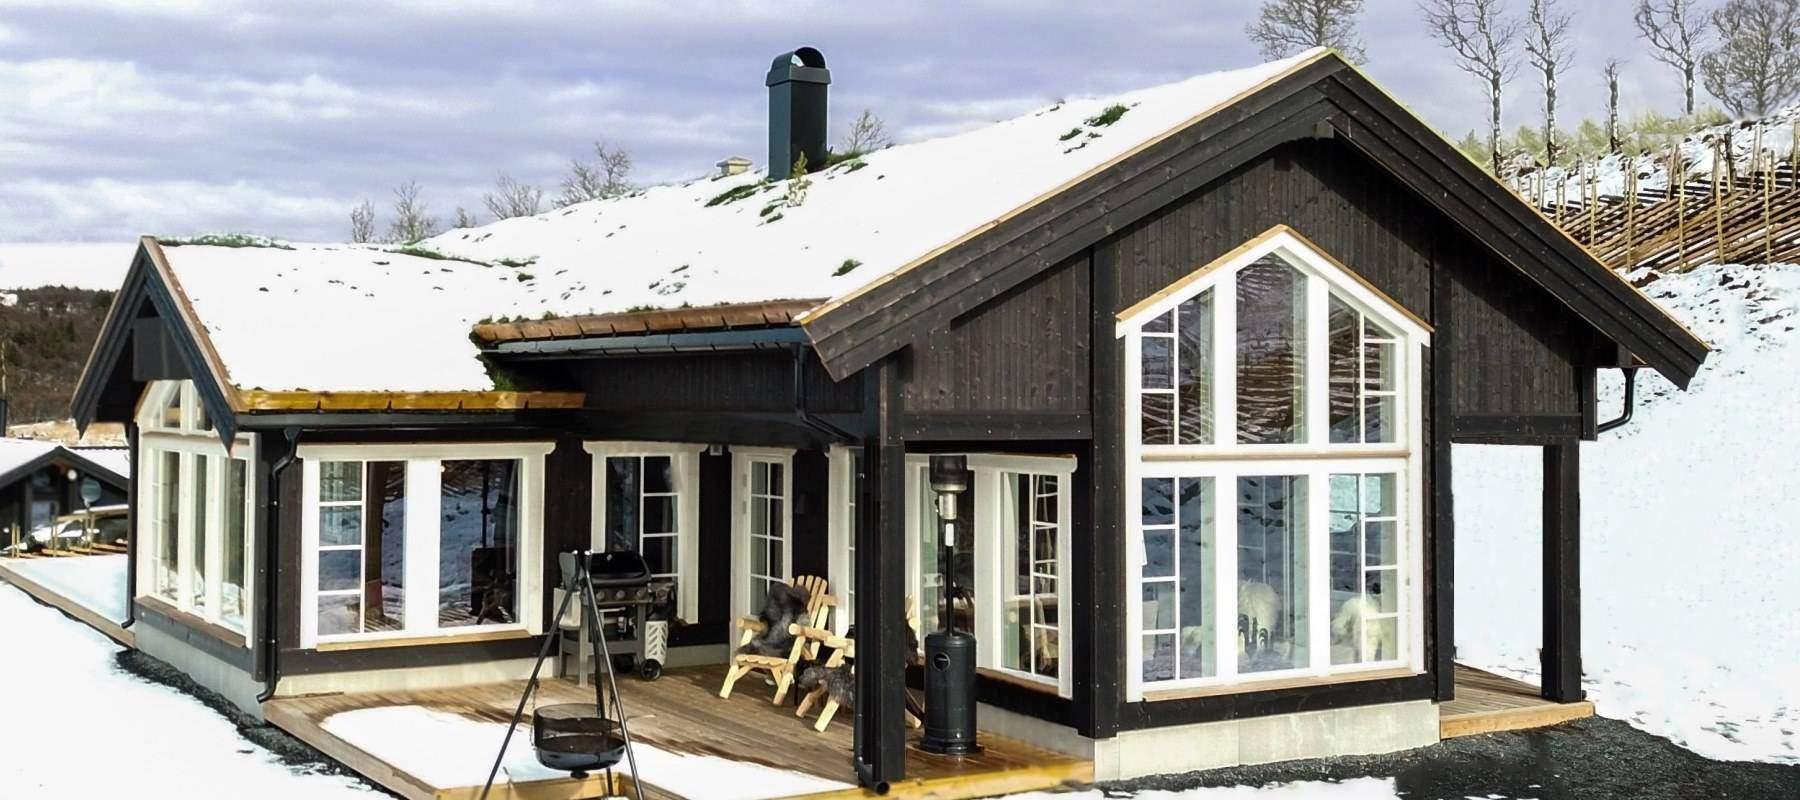 330 Hytteinspirasjon Hytte Strynsfjell 122 på Høyset Panorama Vaset.